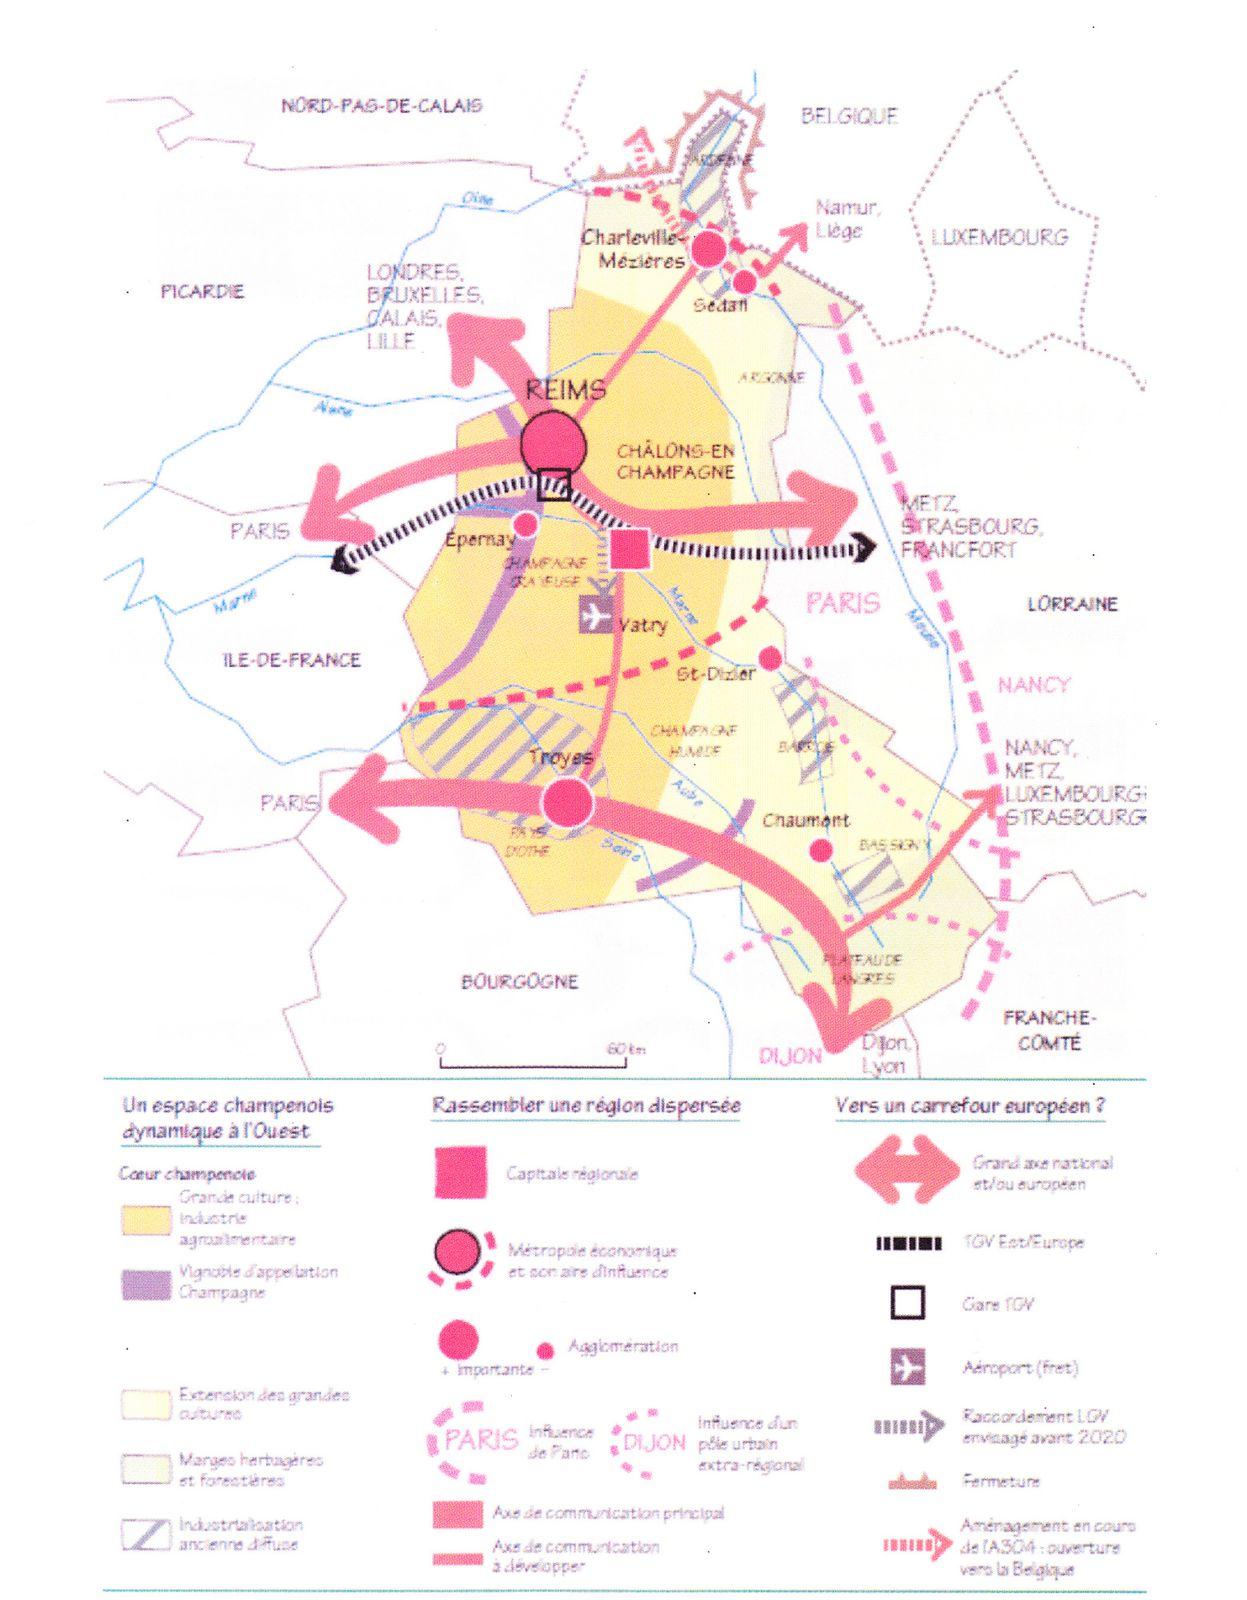 Carte-organisation-regionale-Champagne-Ardenne.jpg